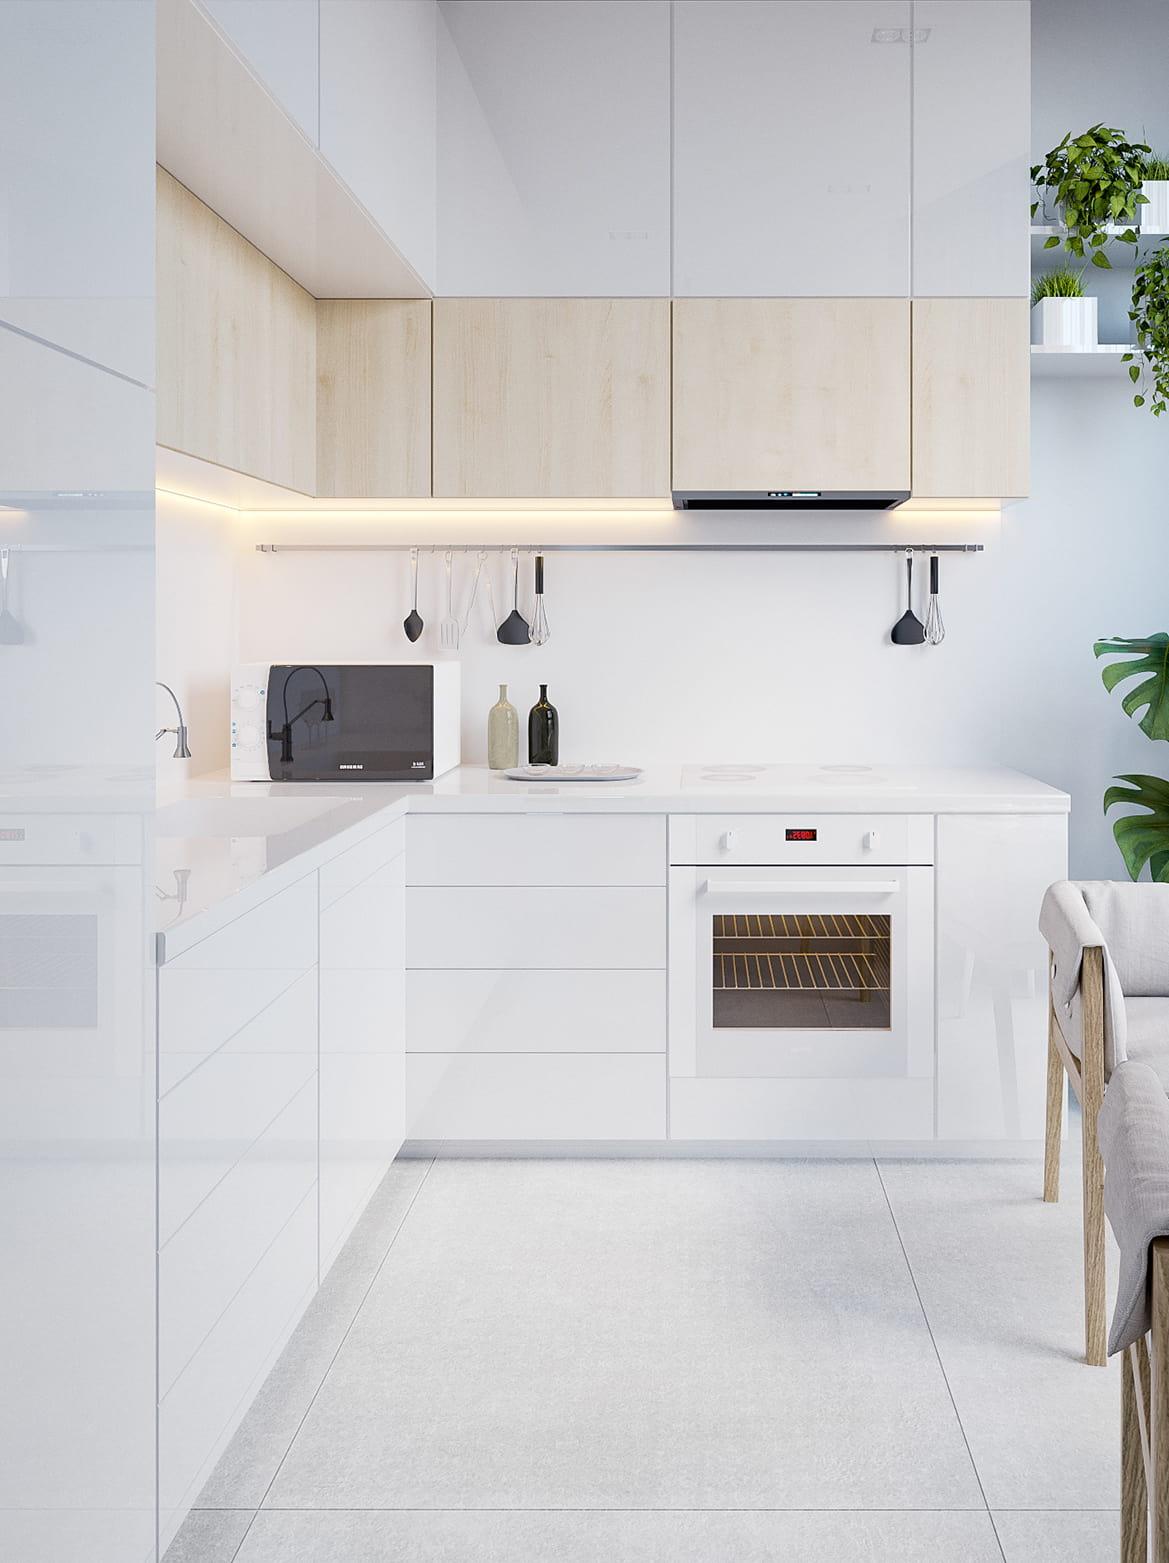 Выразительный интерьер белой кухни с хорошо сбалансированным LED освещением рабочей зоны